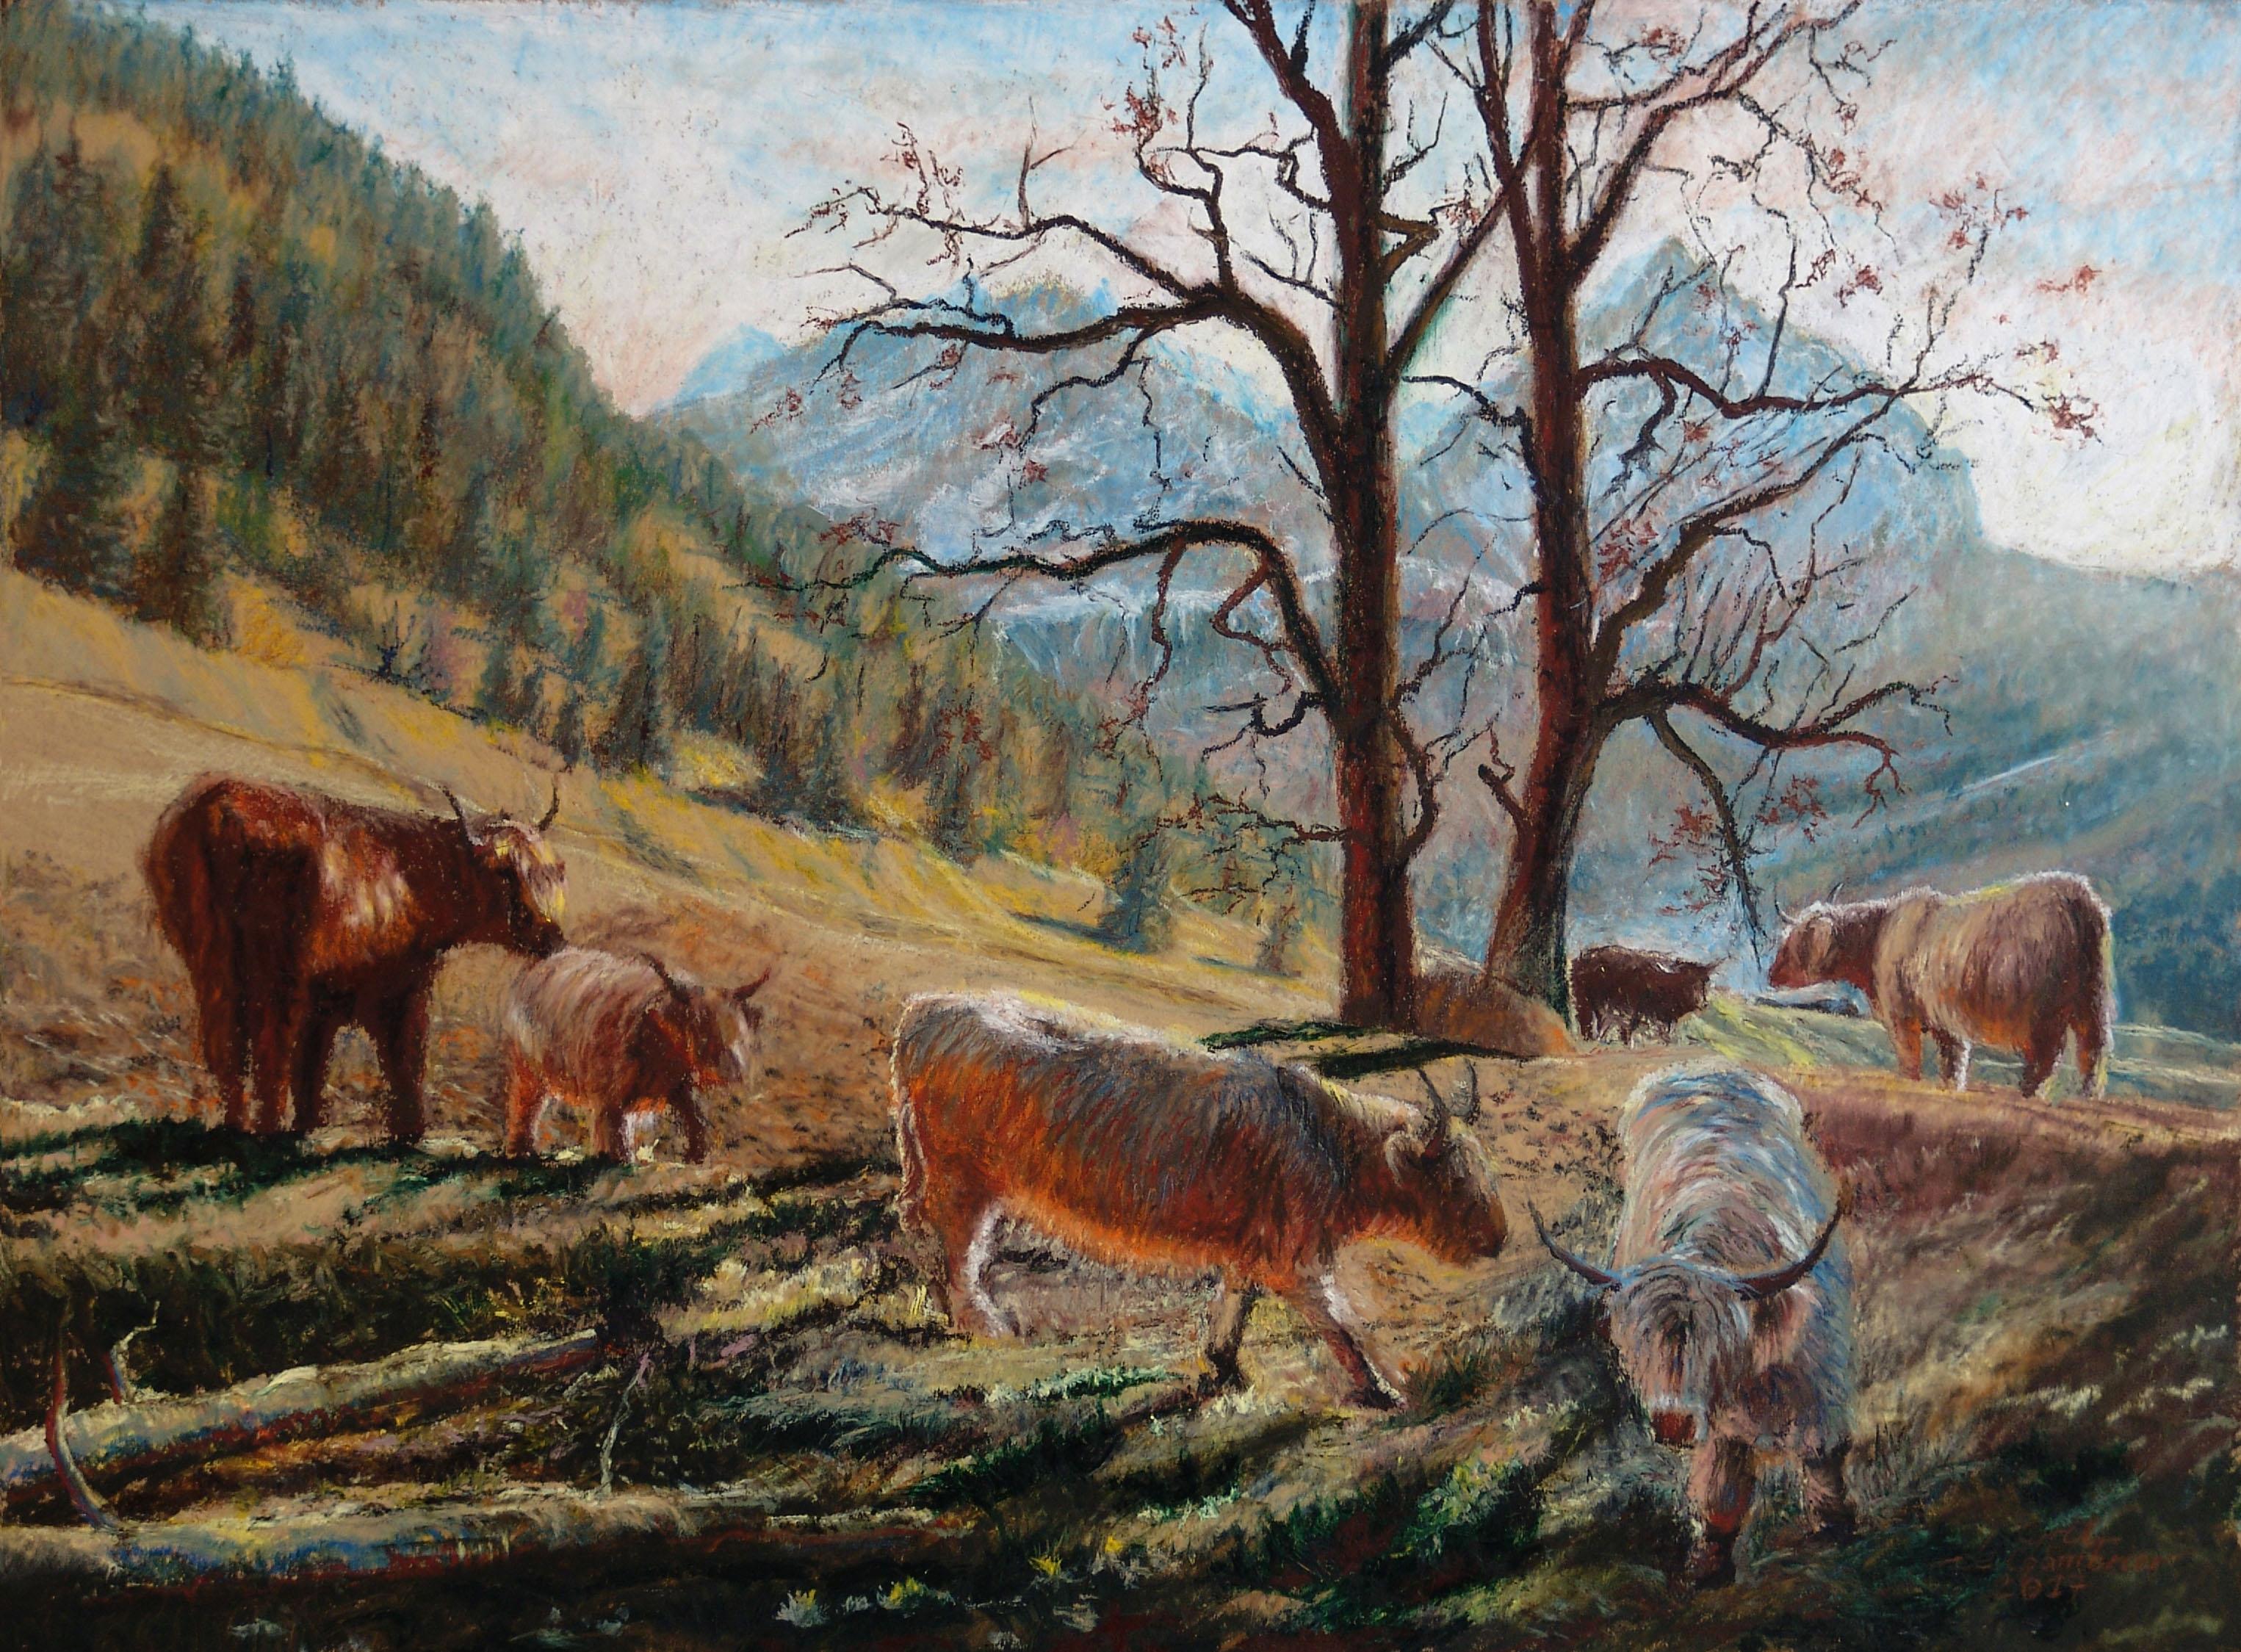 Vaches Highland vers Adelboden Papier marouflé sur panneau 60 x 80 cm Cyril de Chambrier